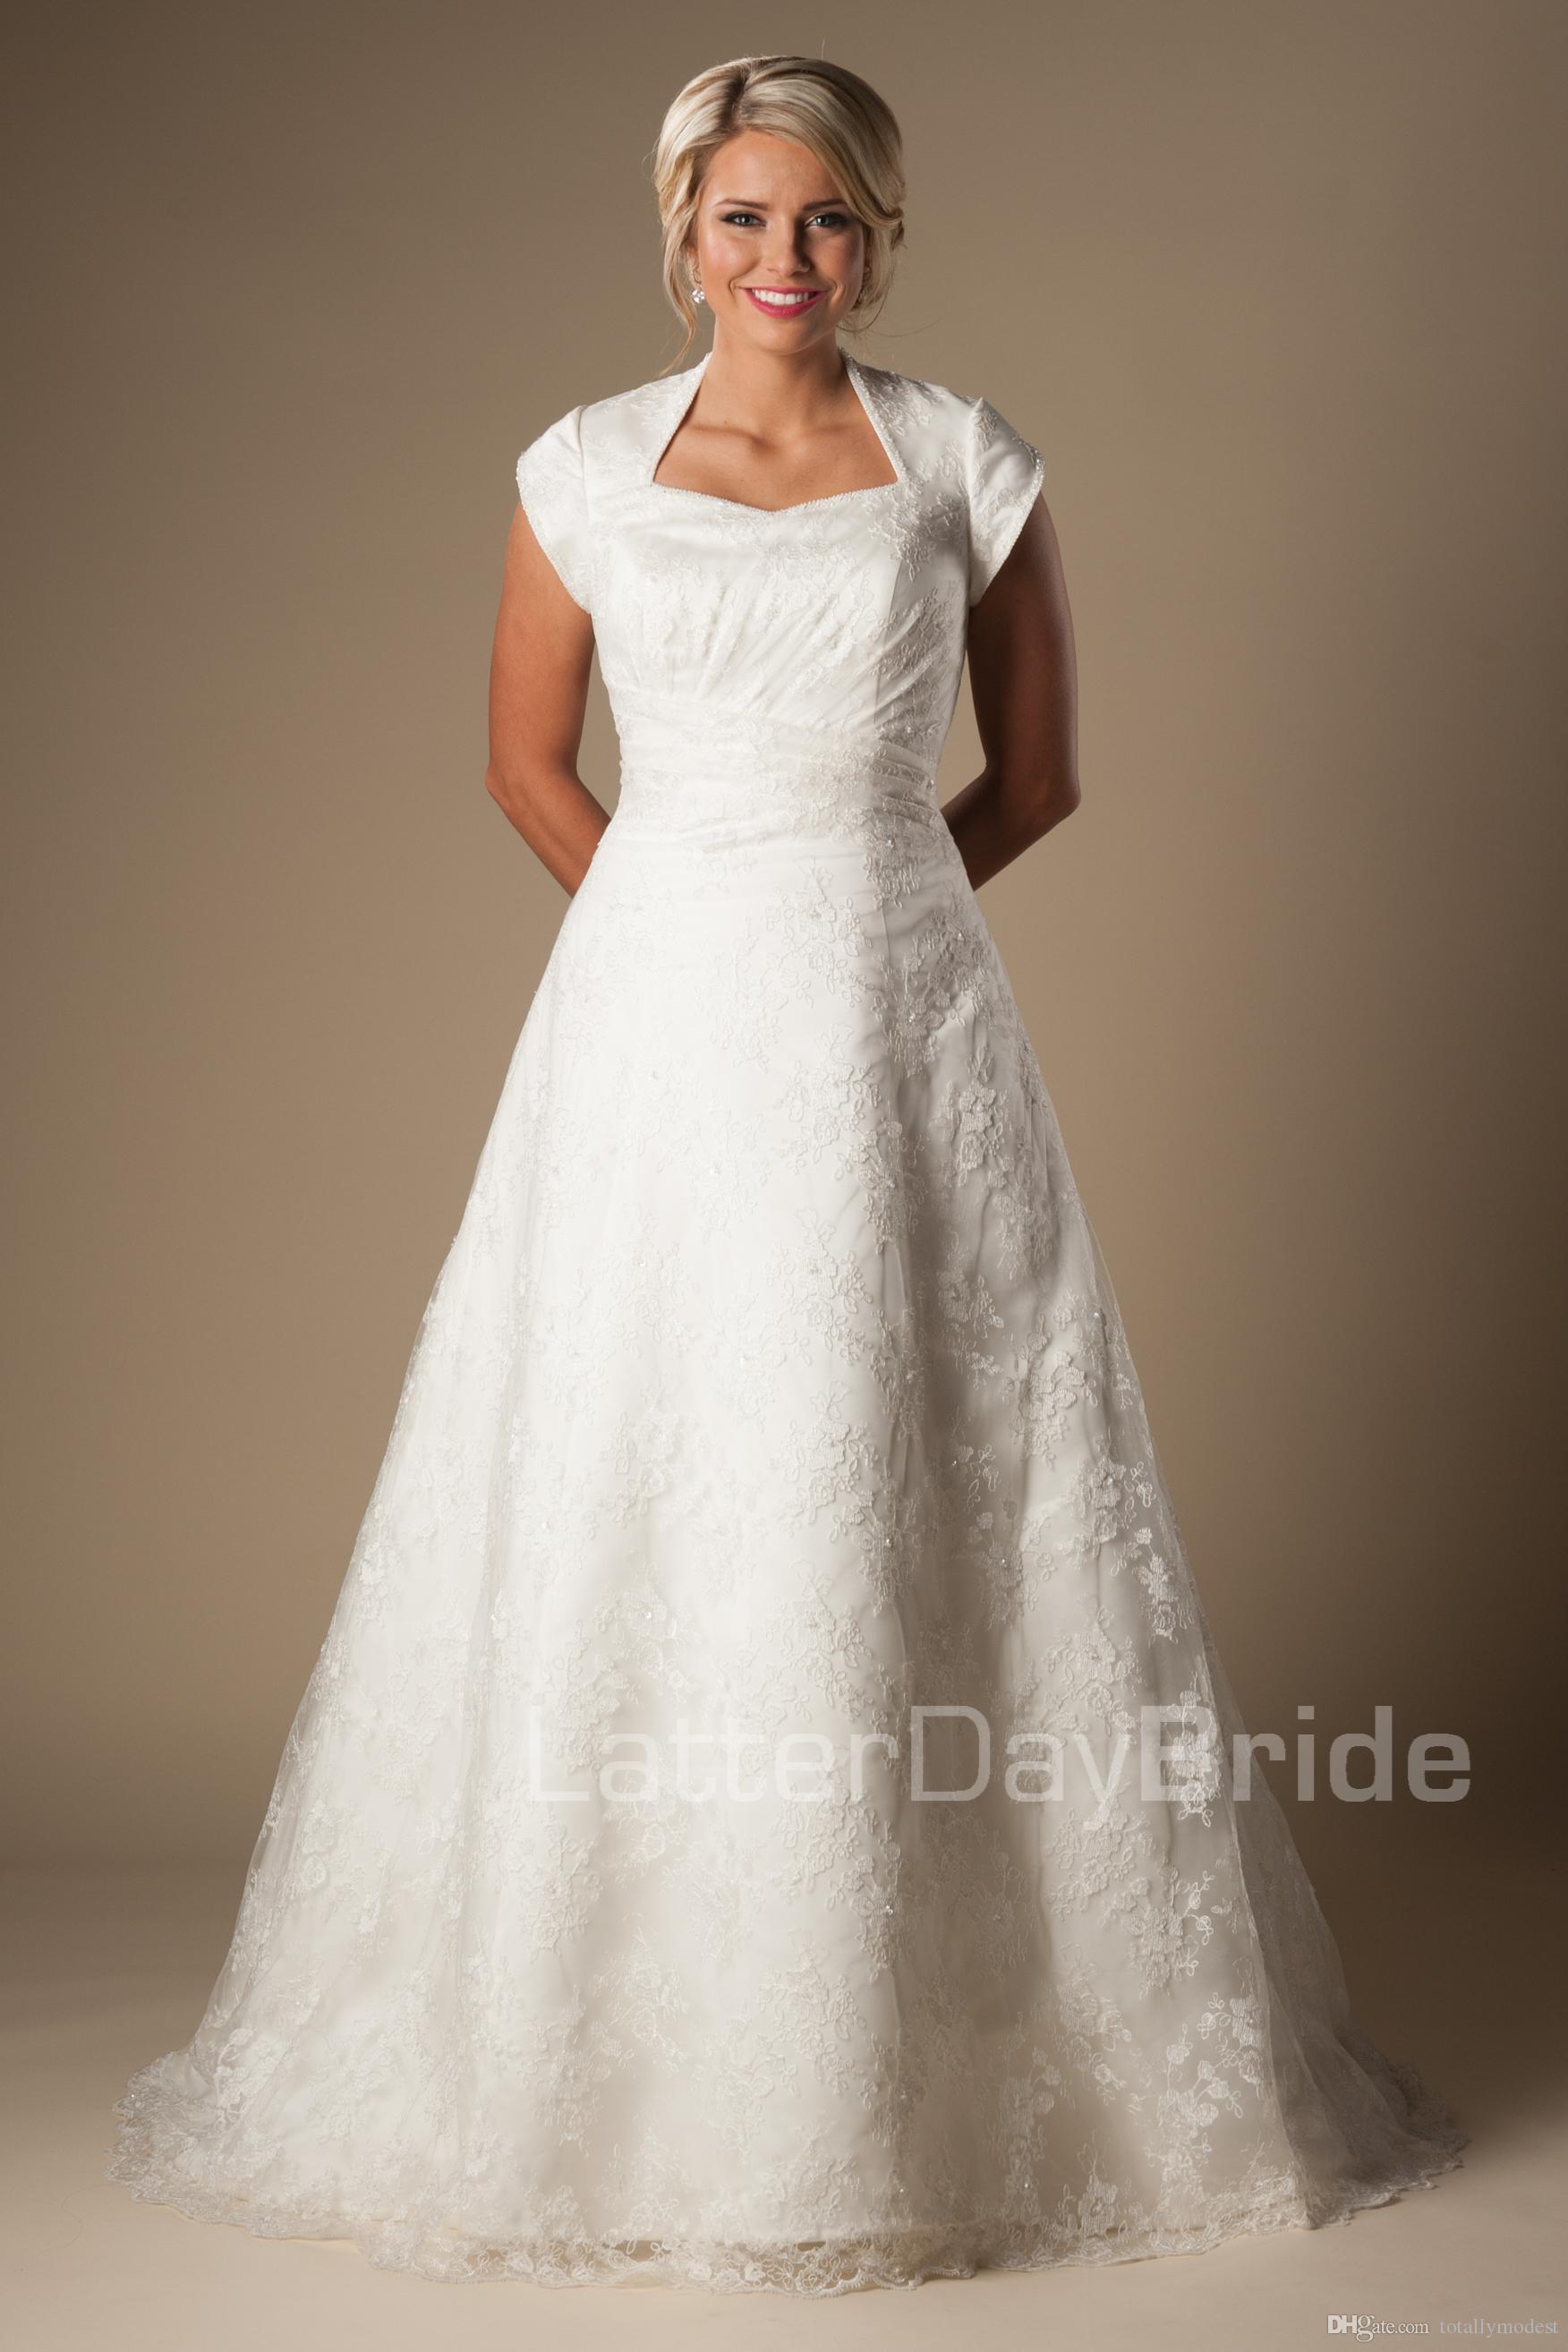 Vintage Lace A line Modest Wedding Dresses With Cap